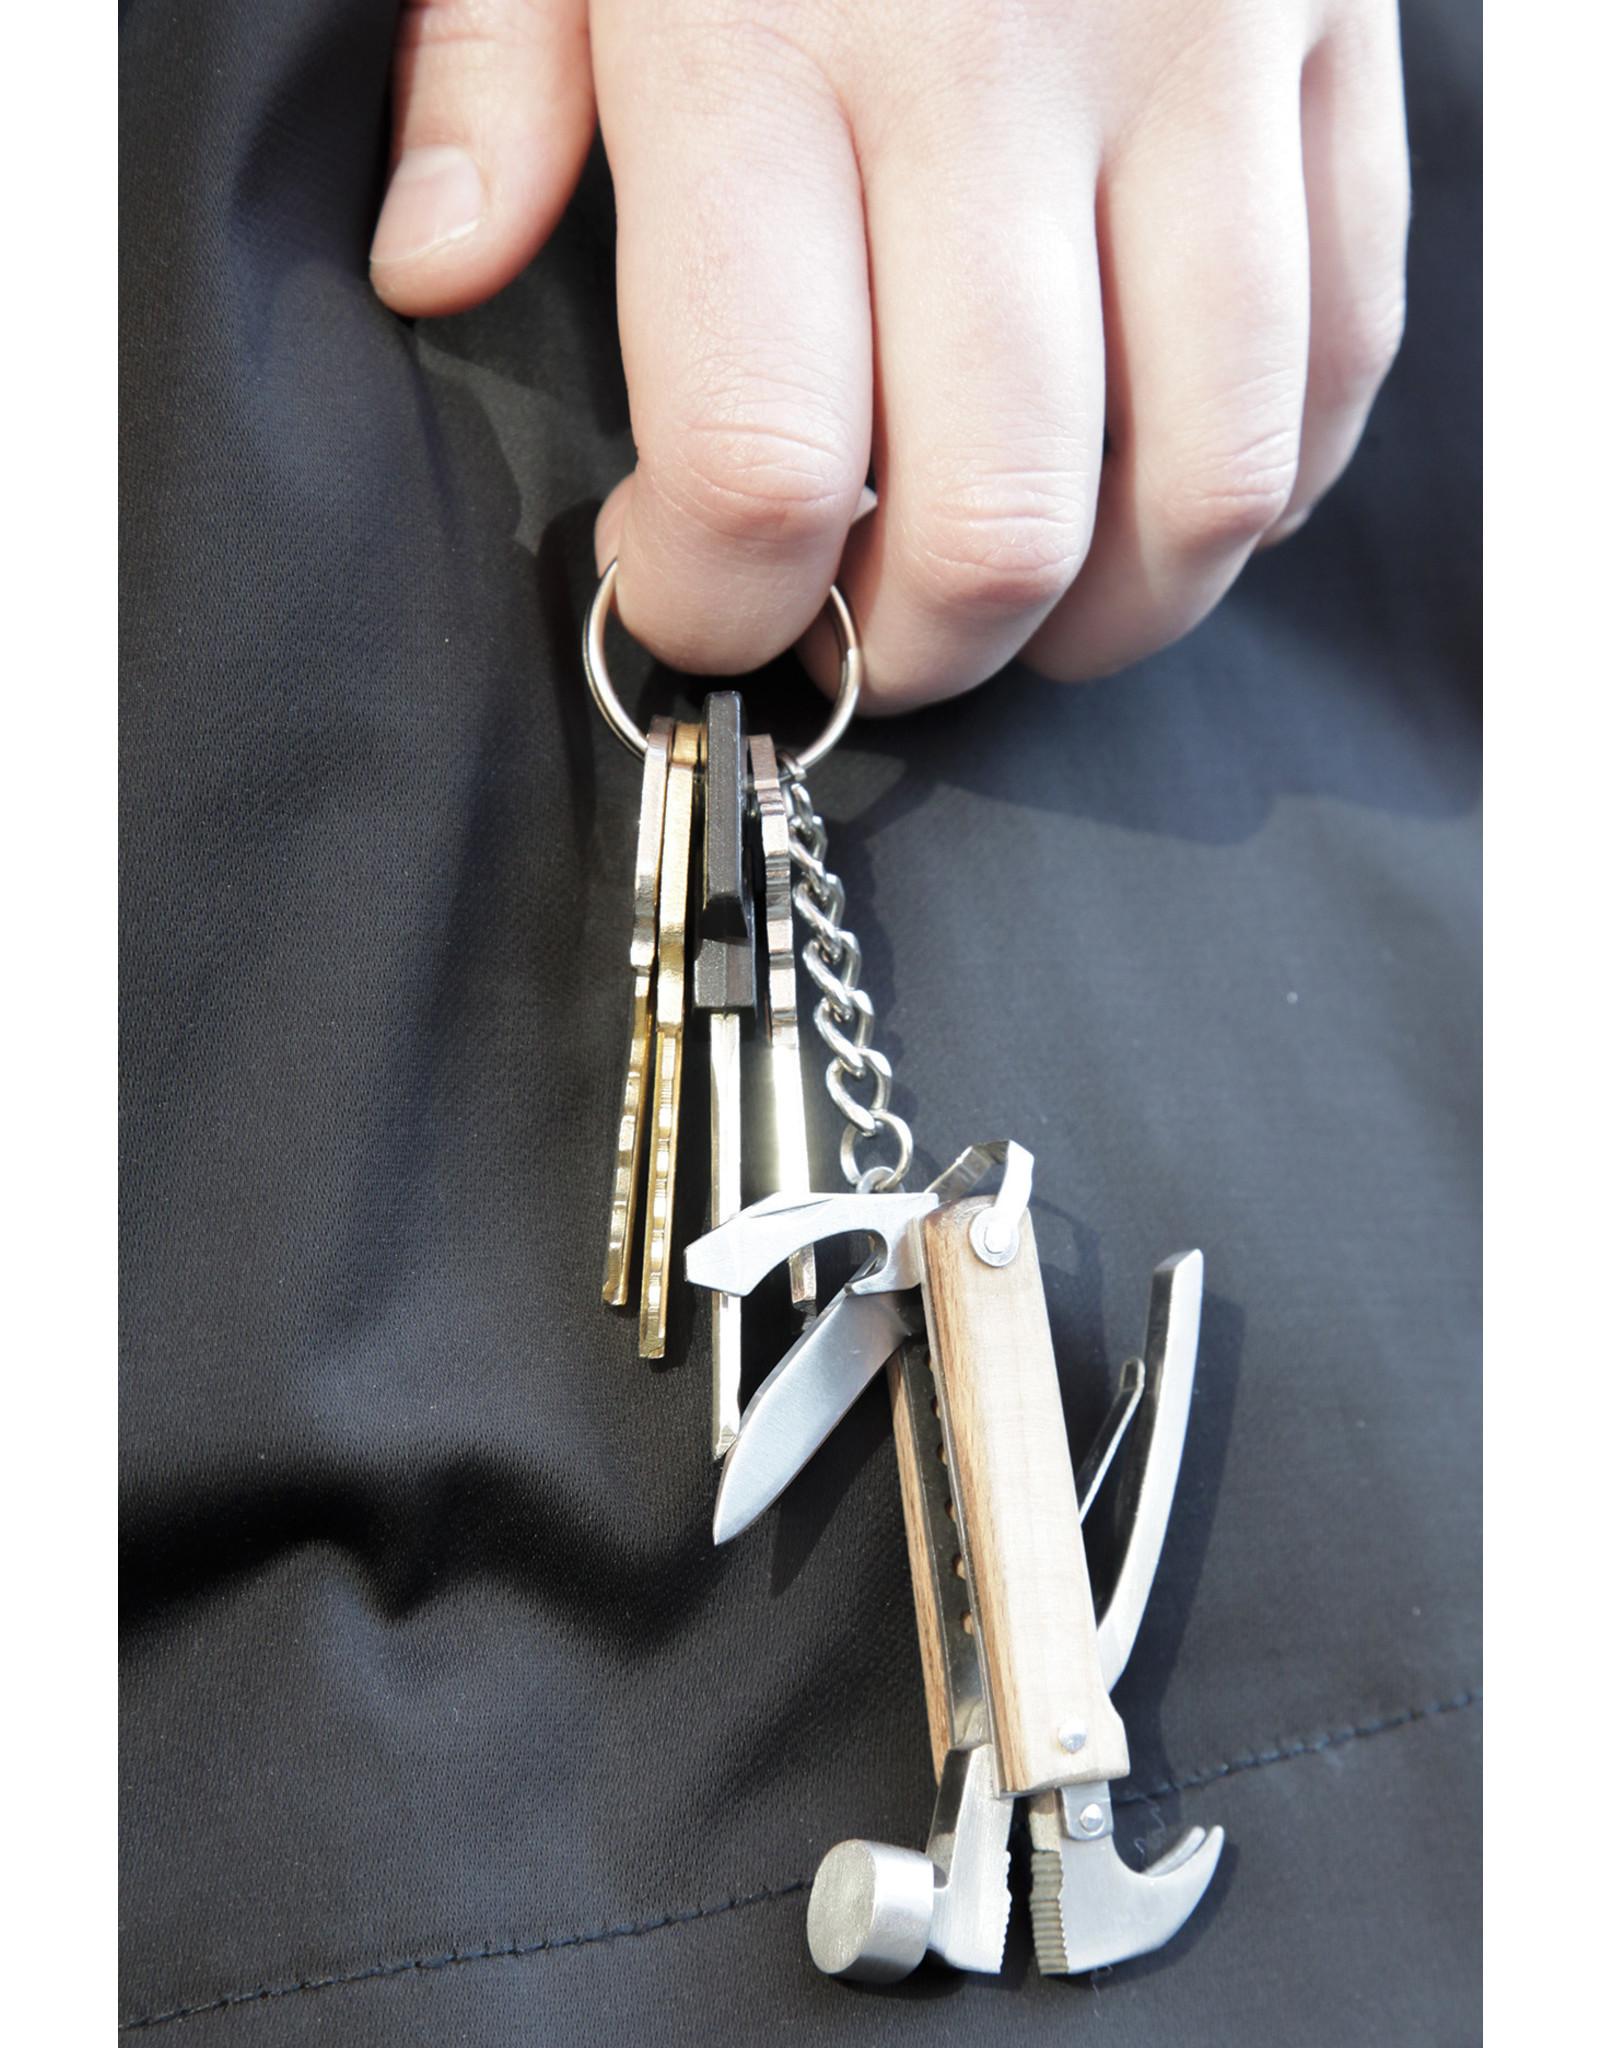 multi tool - hammer (small)